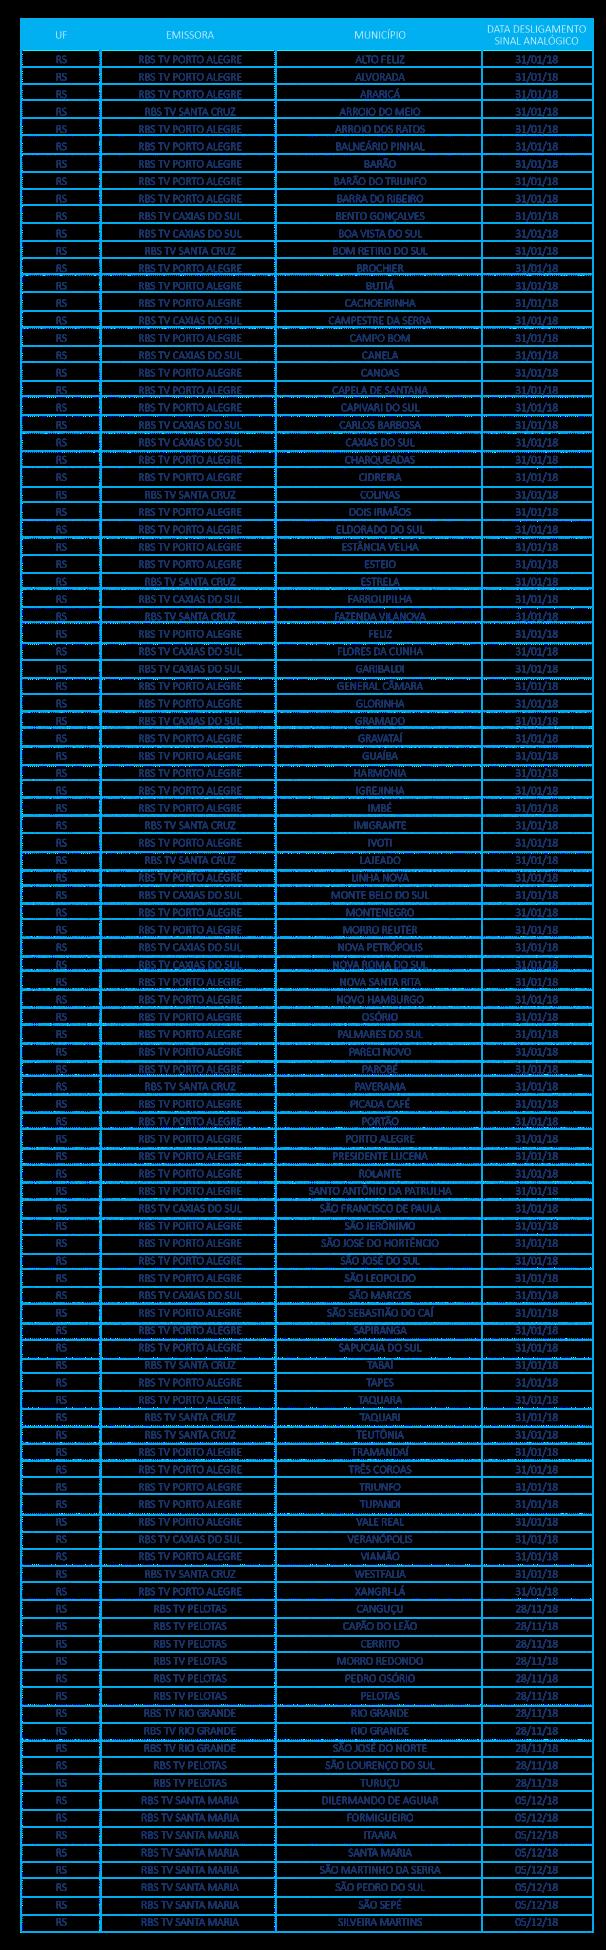 Tabela desligamento sinal analógico no RS tv digital (Foto: Divulgação)